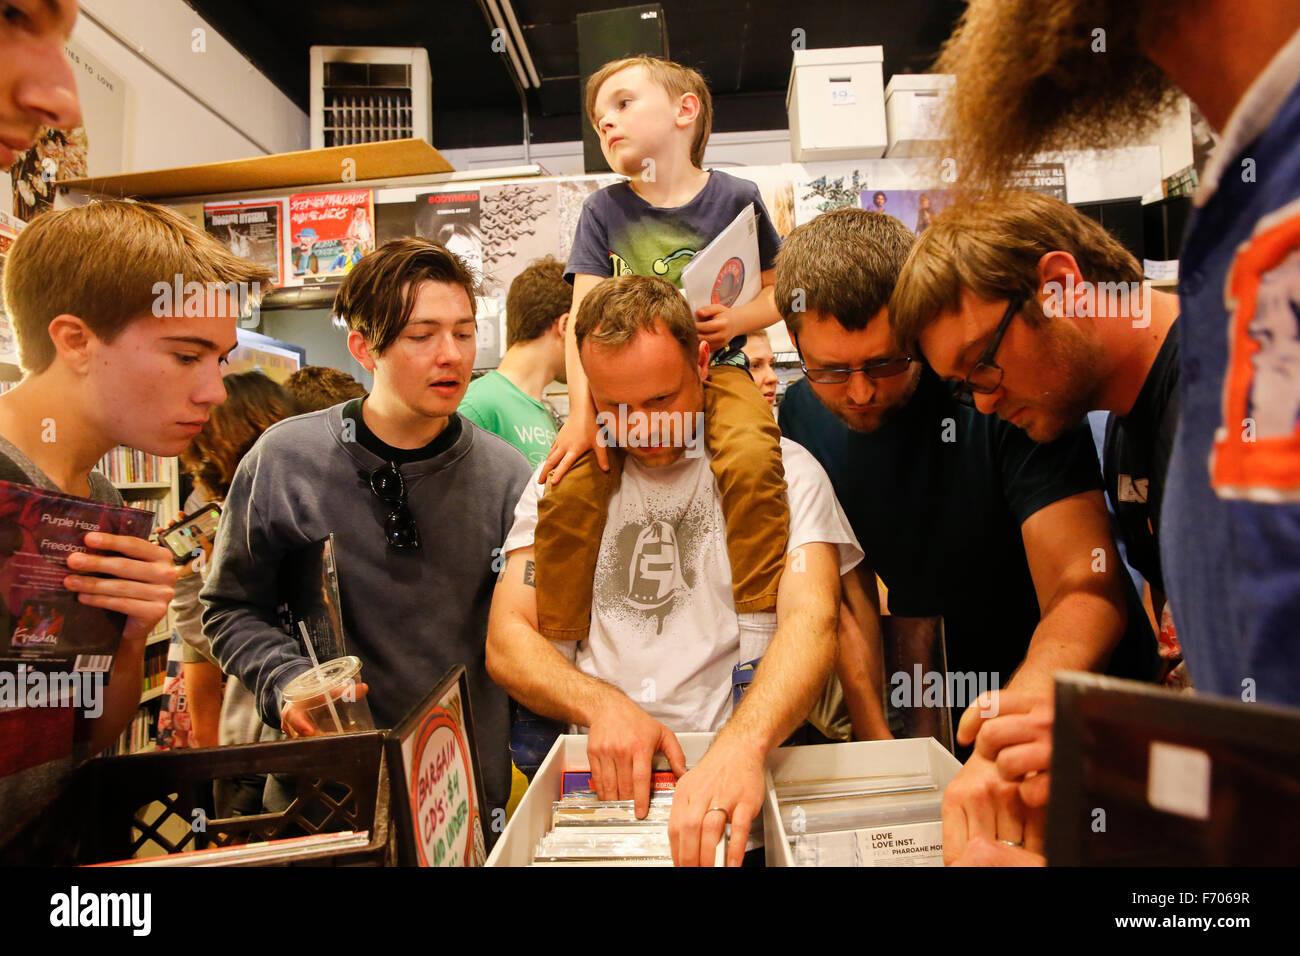 Los compradores de vinilos para el Record Store Day 2015 pack registro de propiedad local almacenar registros sin Imagen De Stock